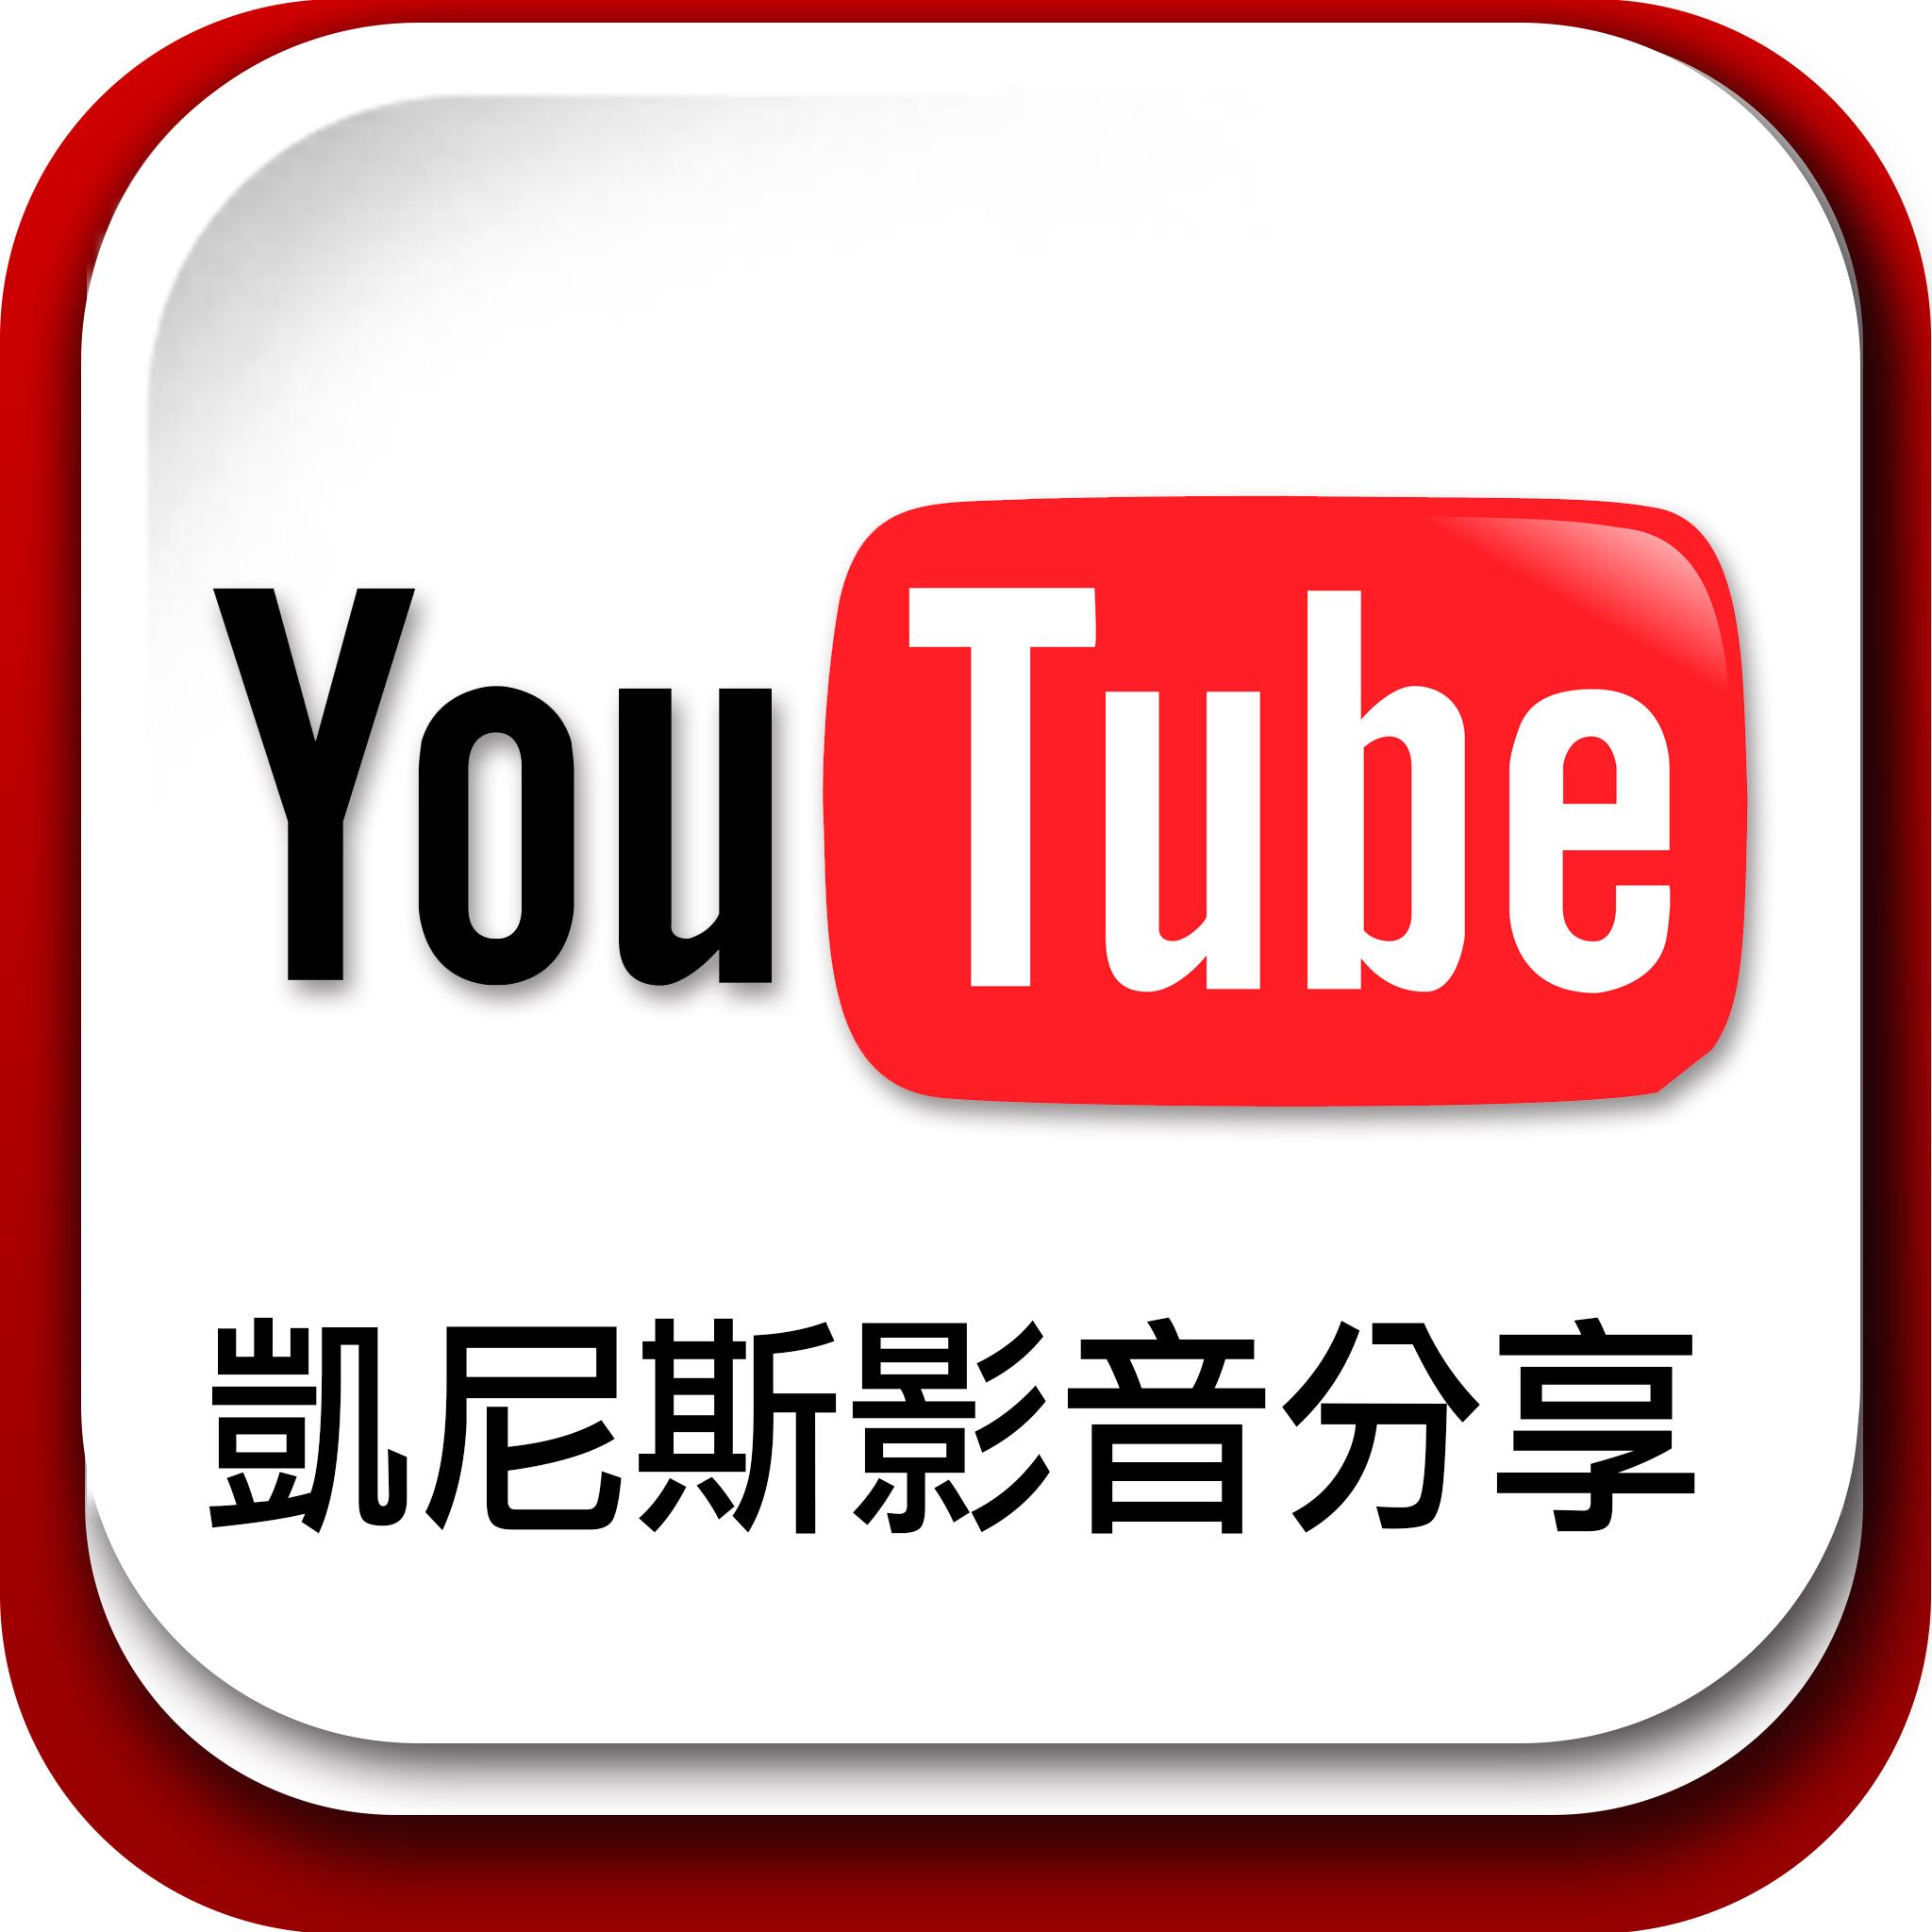 凱尼斯旅行社youtube影音分享